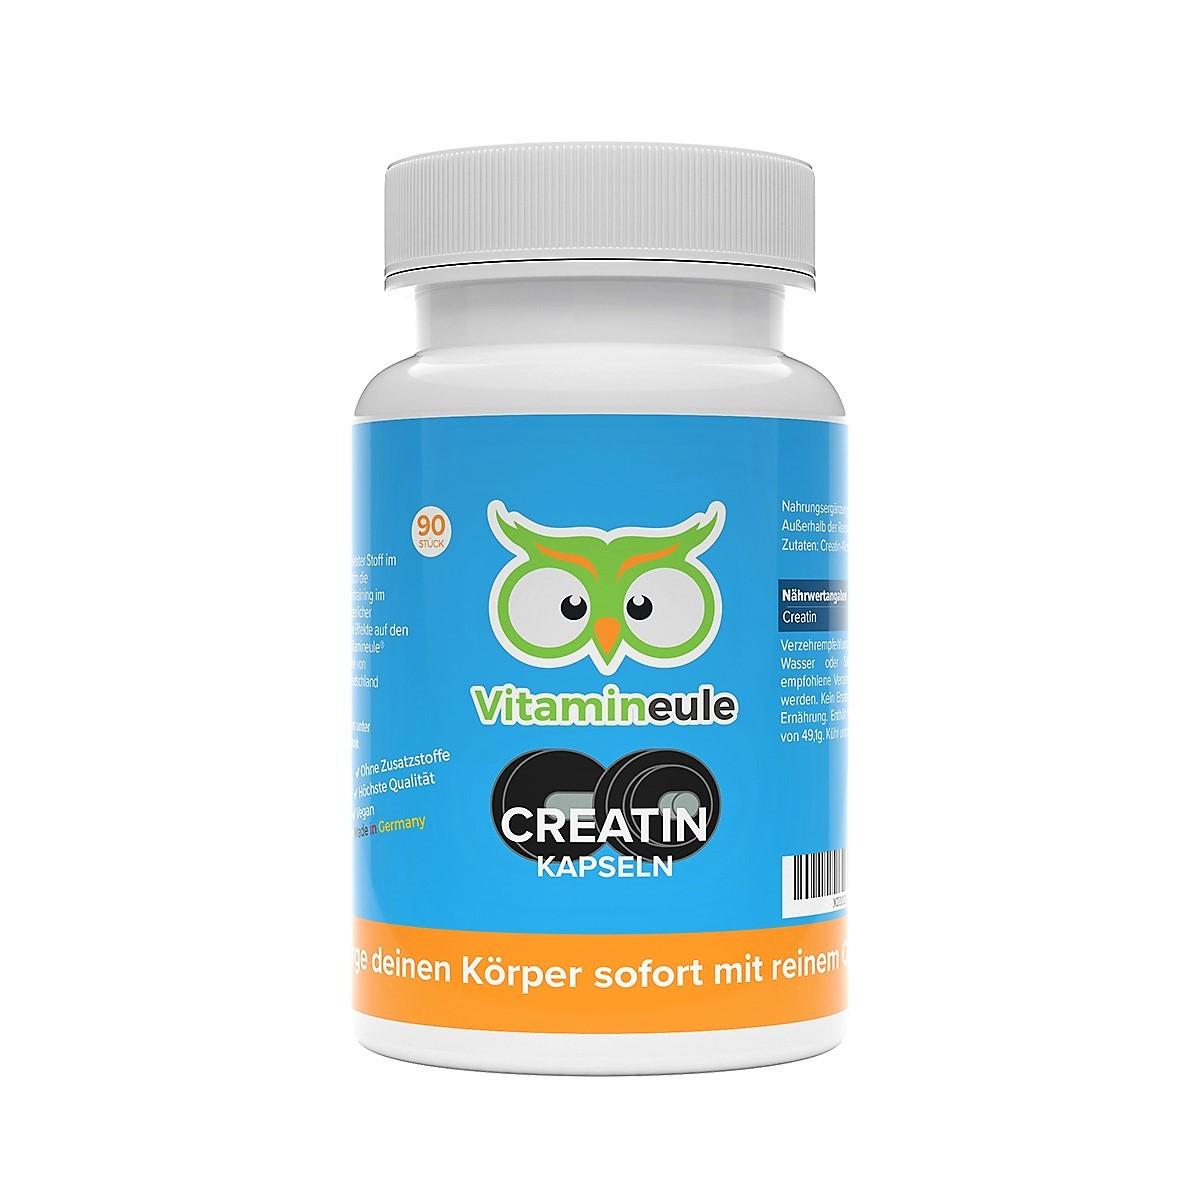 Creatin Kapseln von Vitamineule ohne Zusatzstoffe